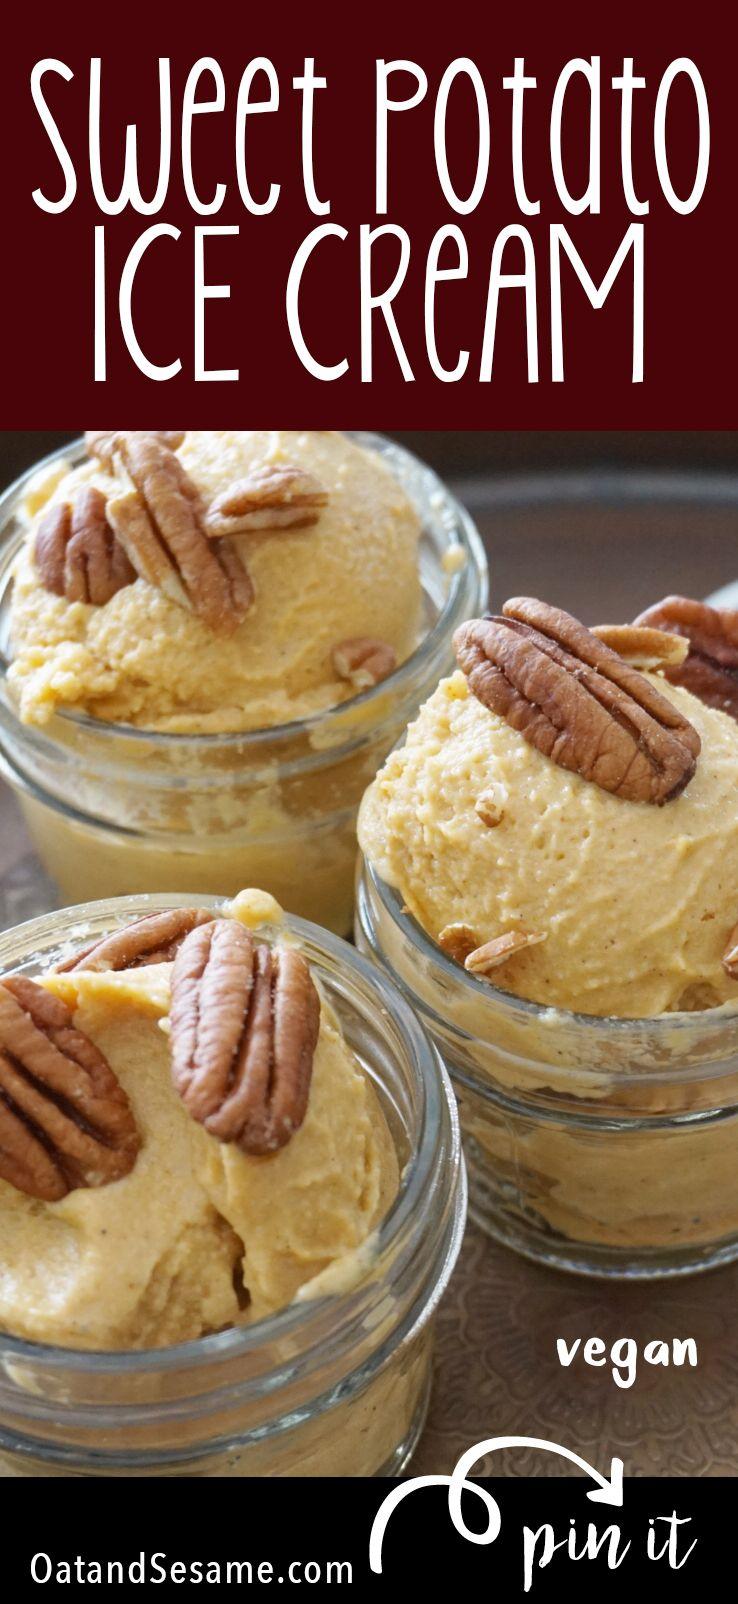 Sweet Potato Ice Cream Vegan